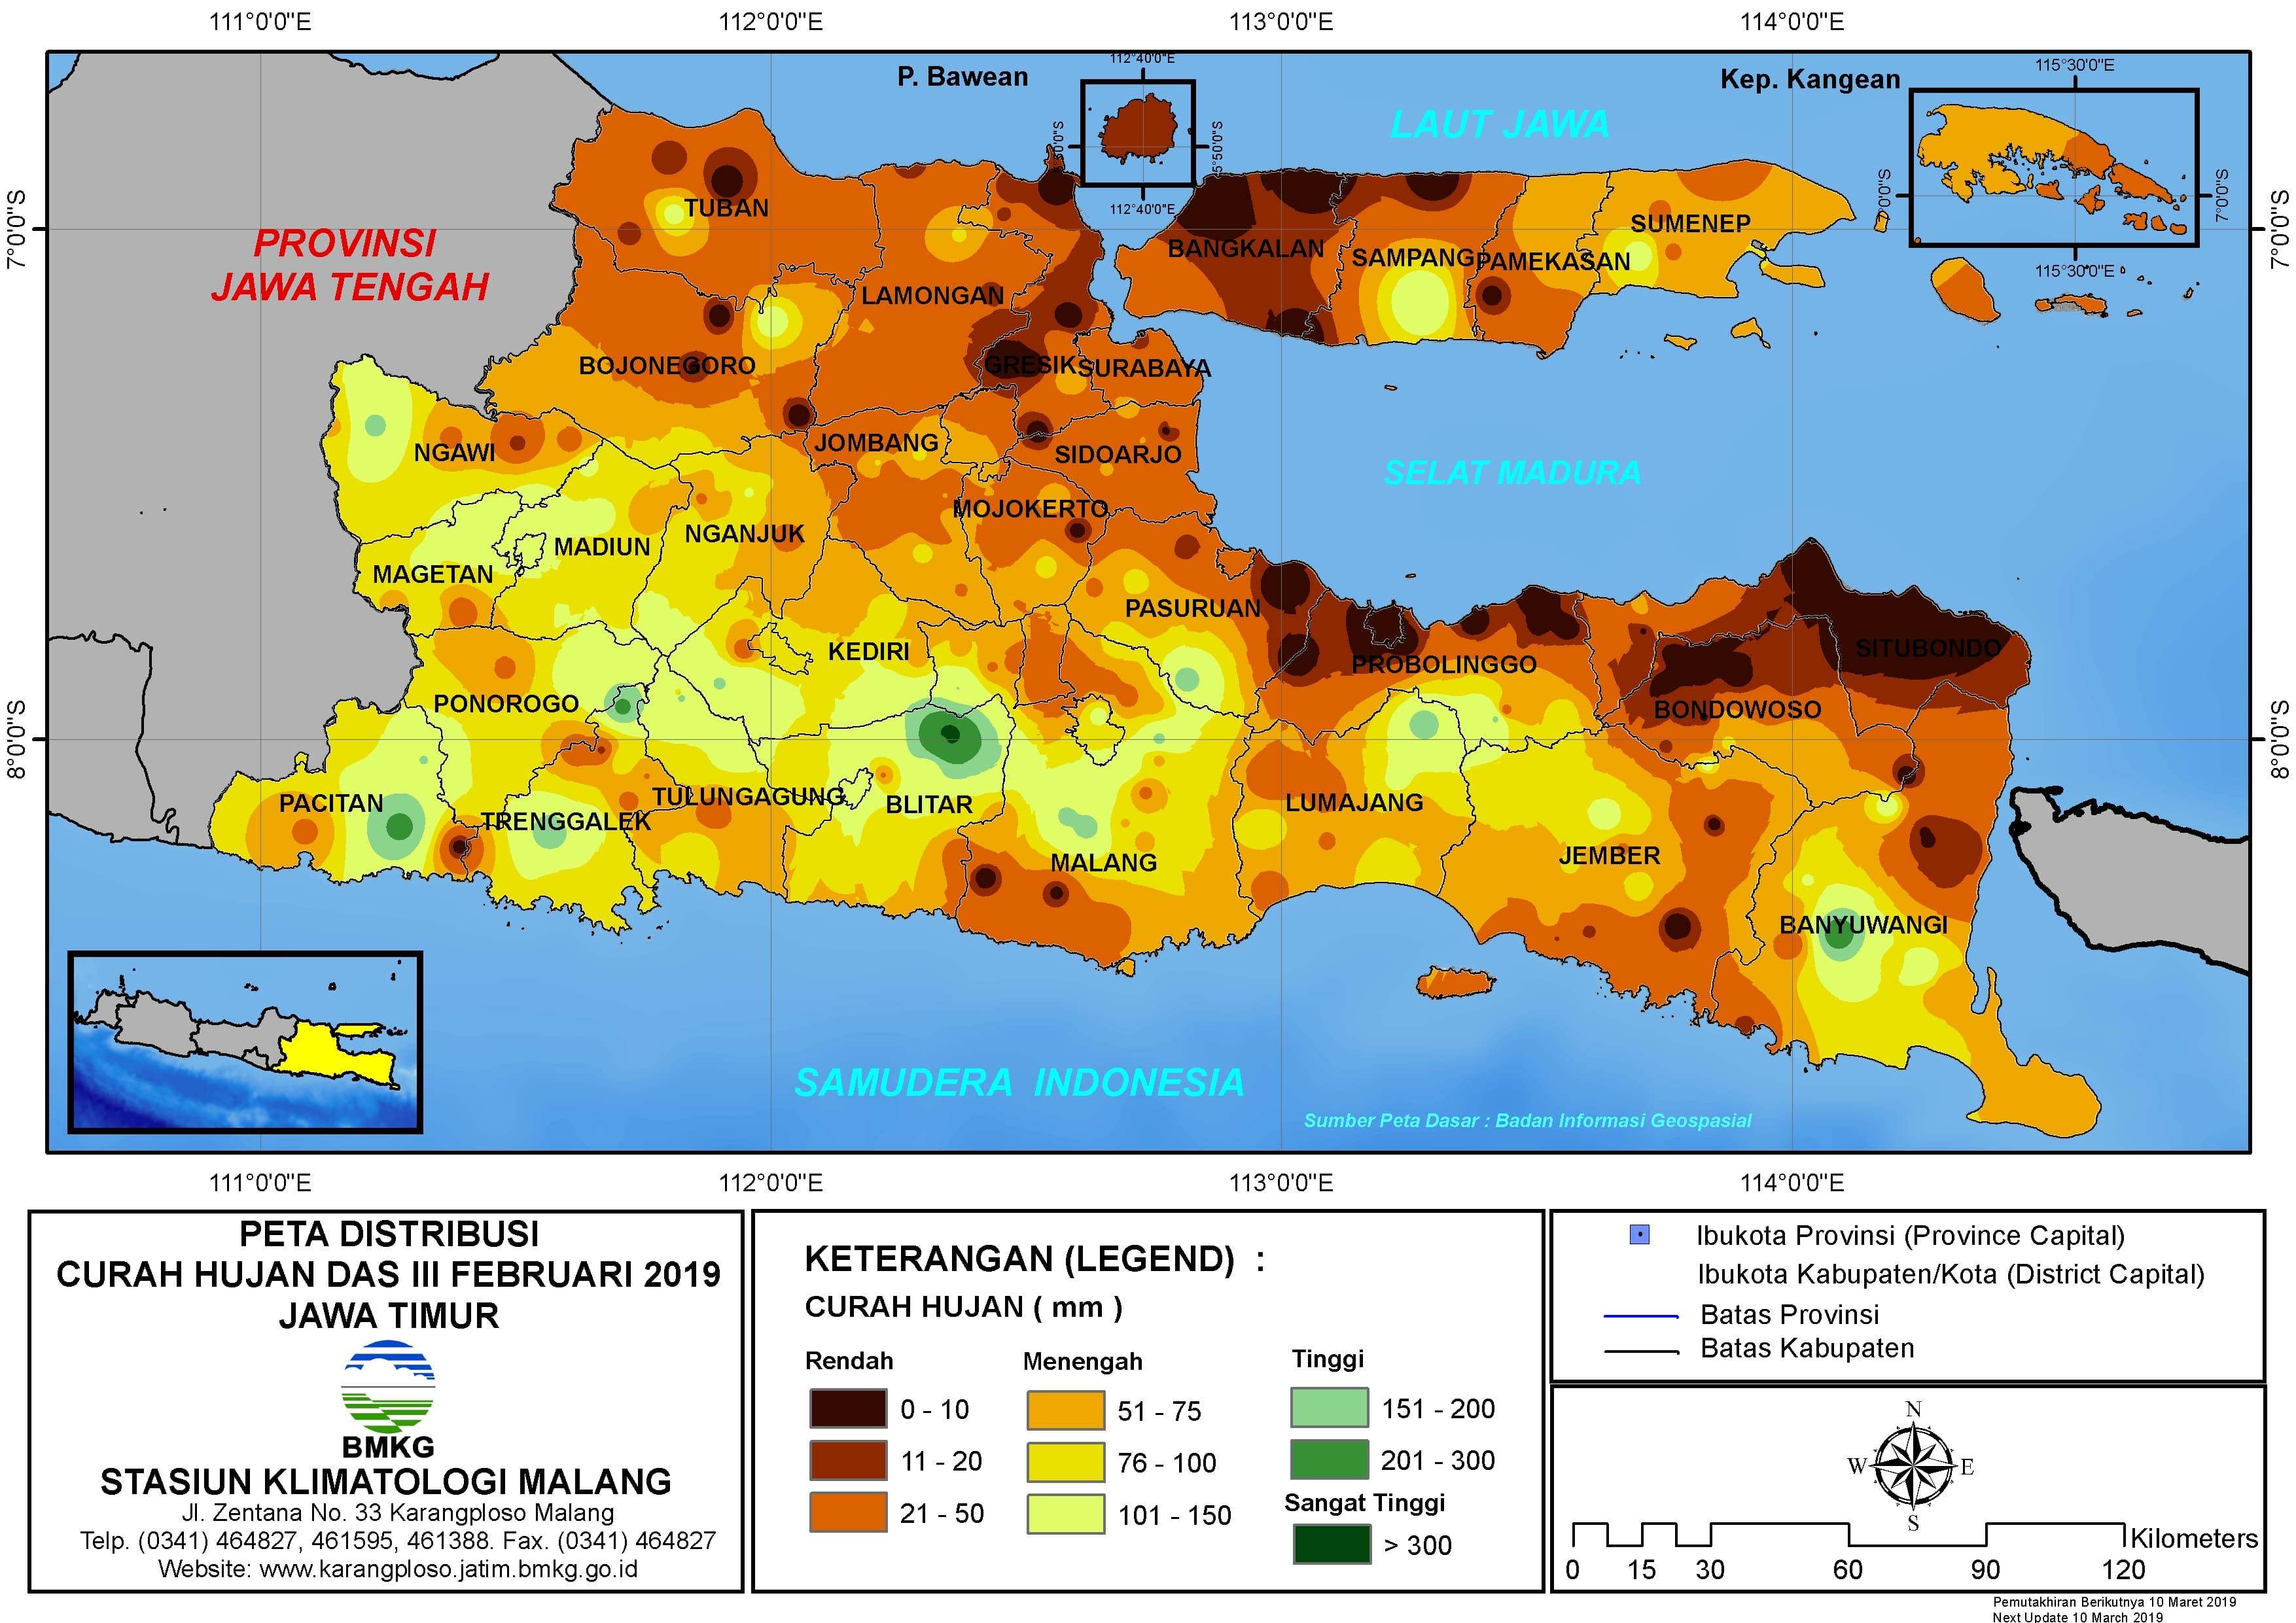 Peta Analisis Distribusi Curah Hujan Dasarian III Februari 2019 di Provinsi Jawa Timur